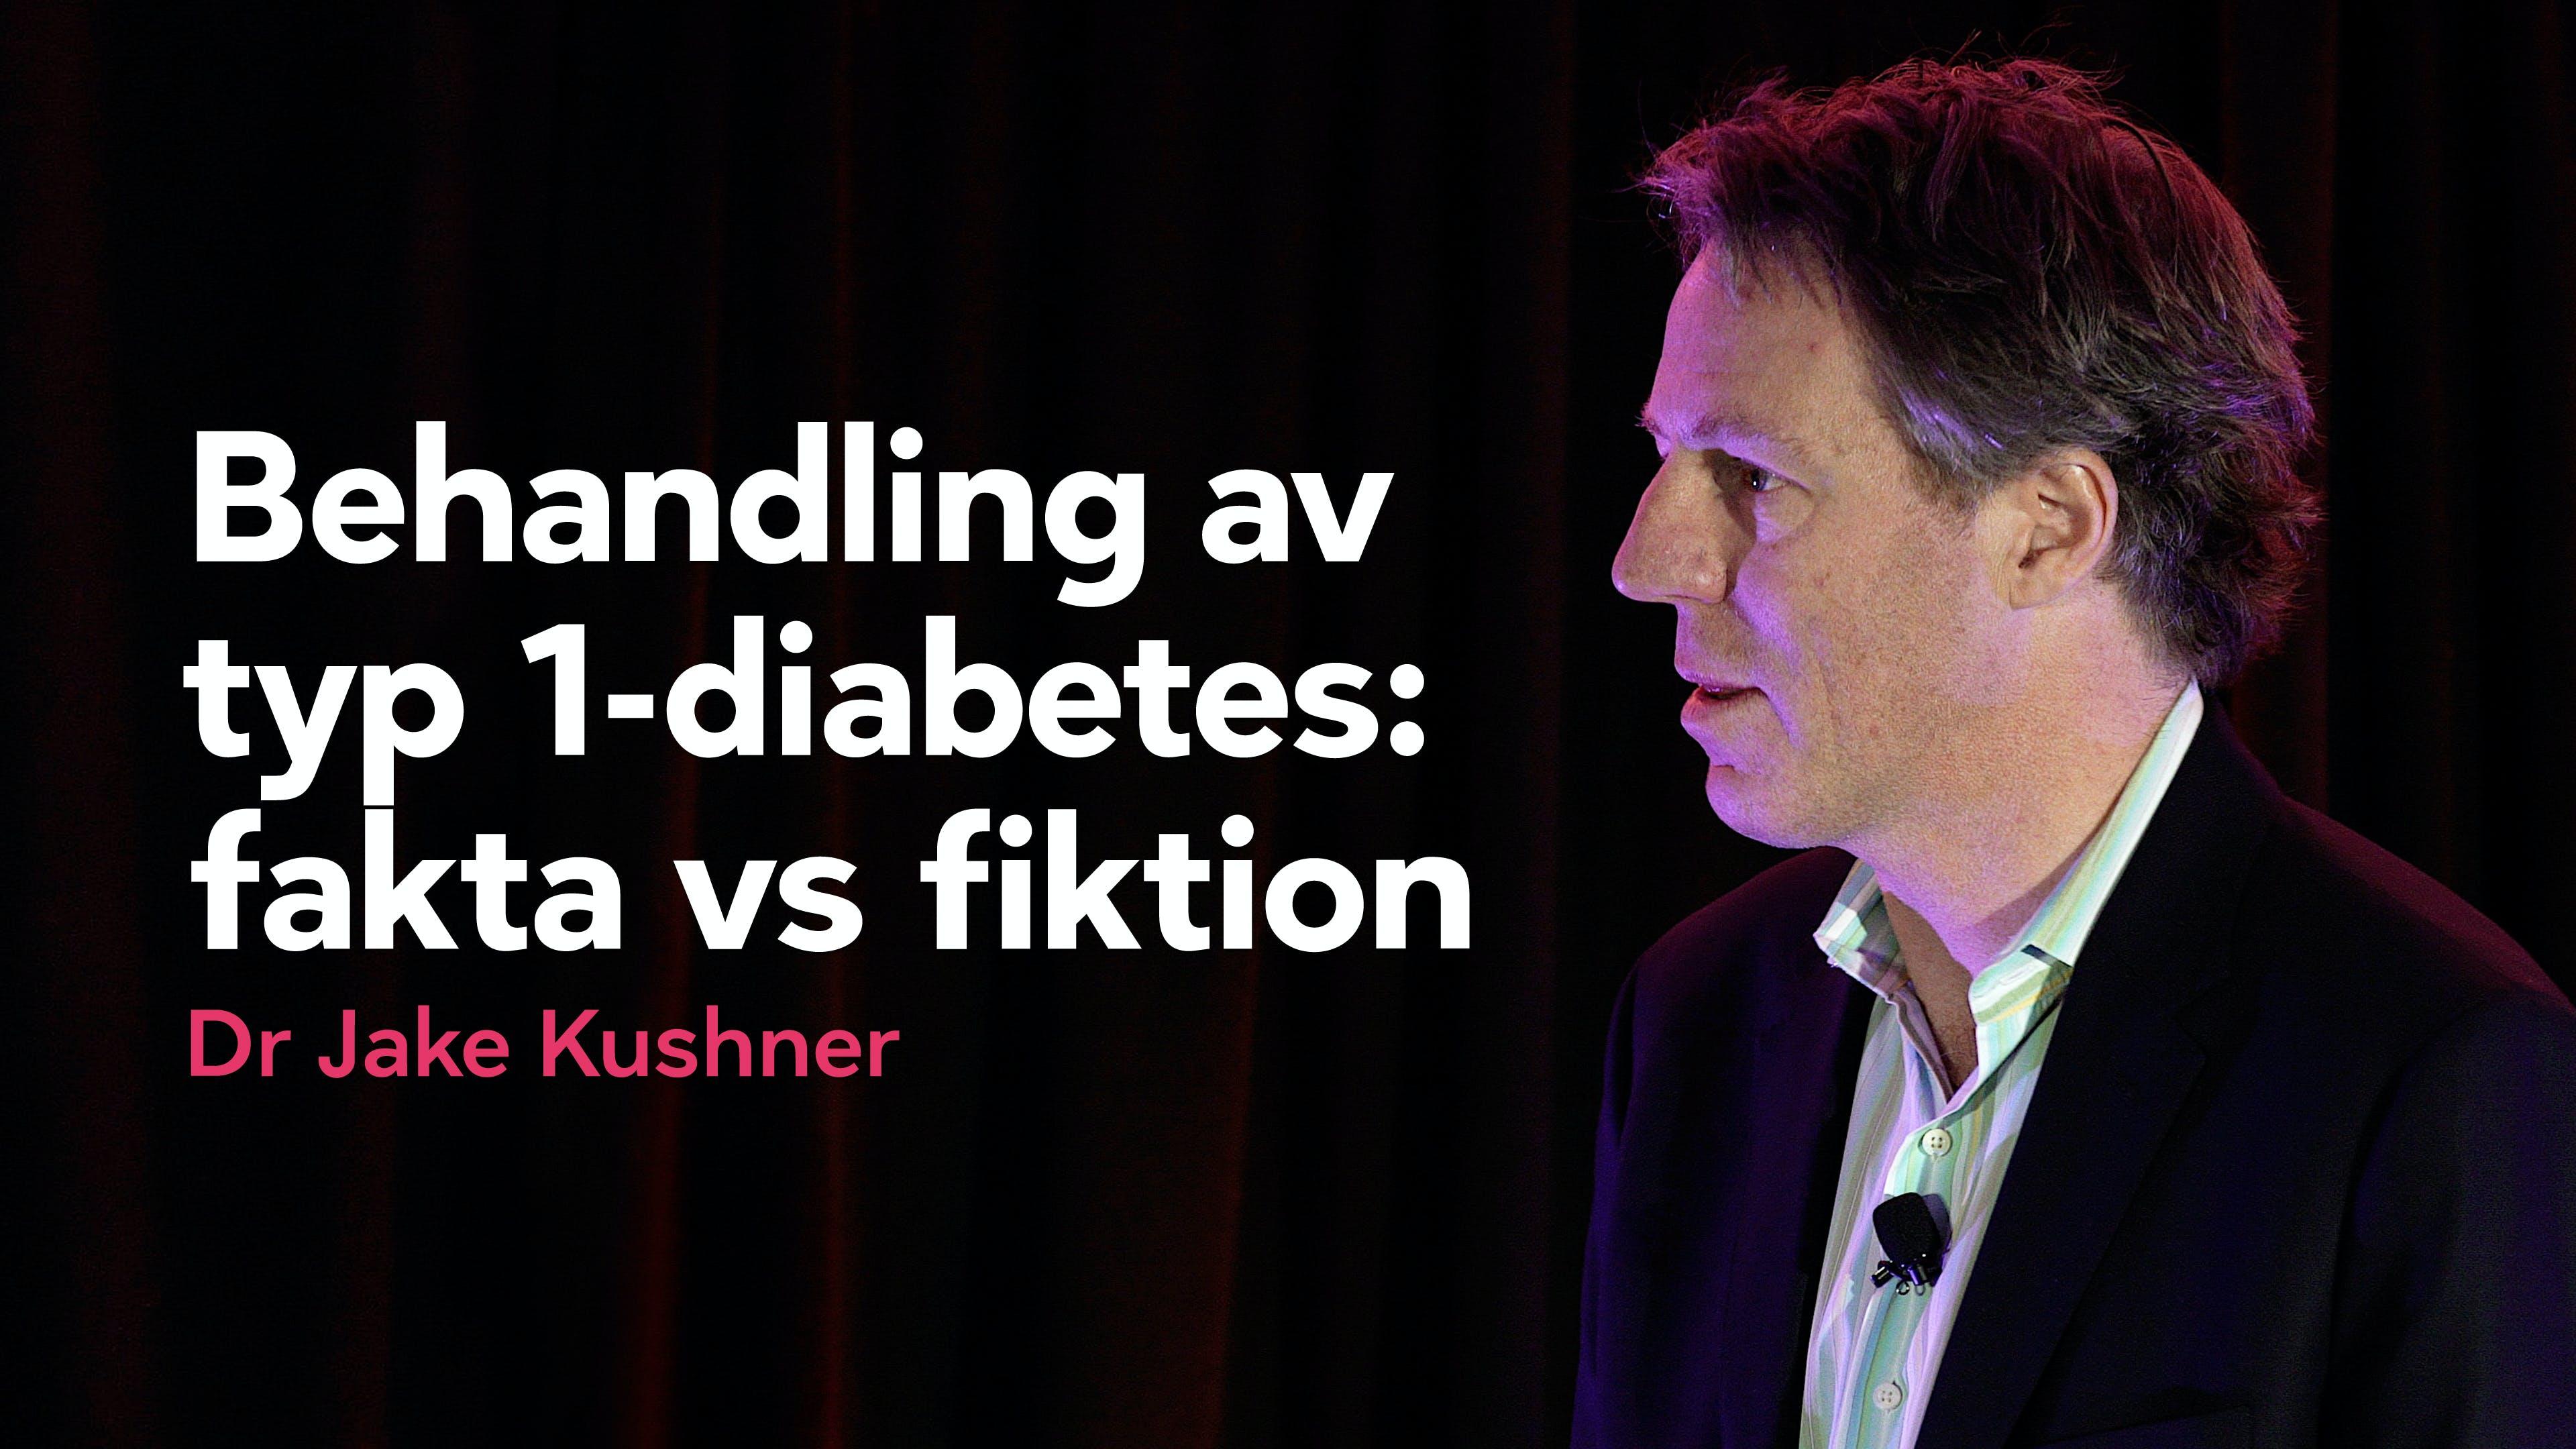 Behandling av typ 1-diabetes: fakta eller fiktion